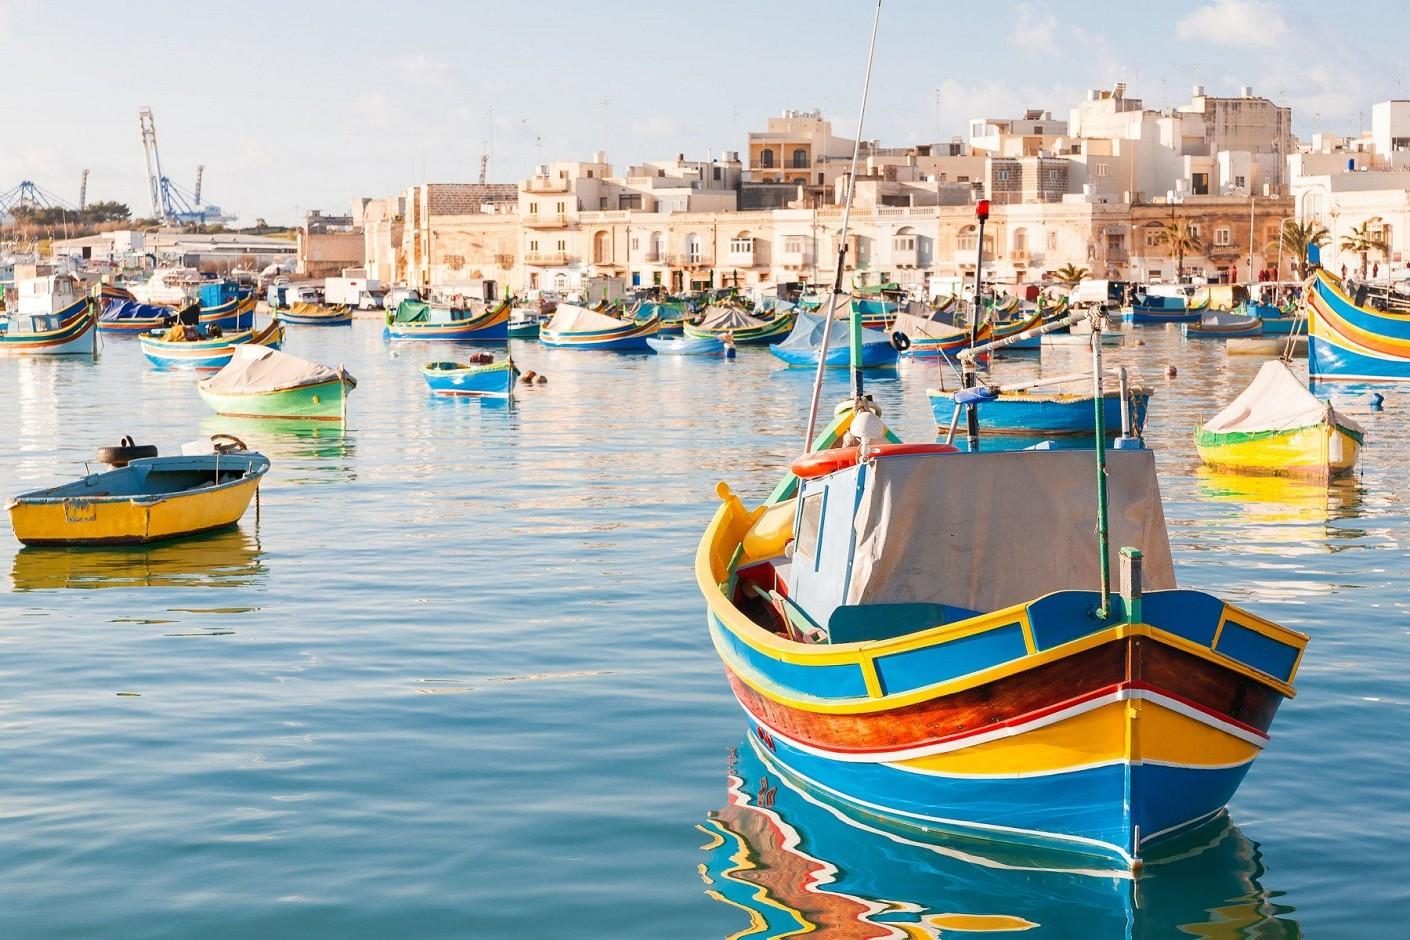 Ką verta žinoti prieš vykstant į Maltą?